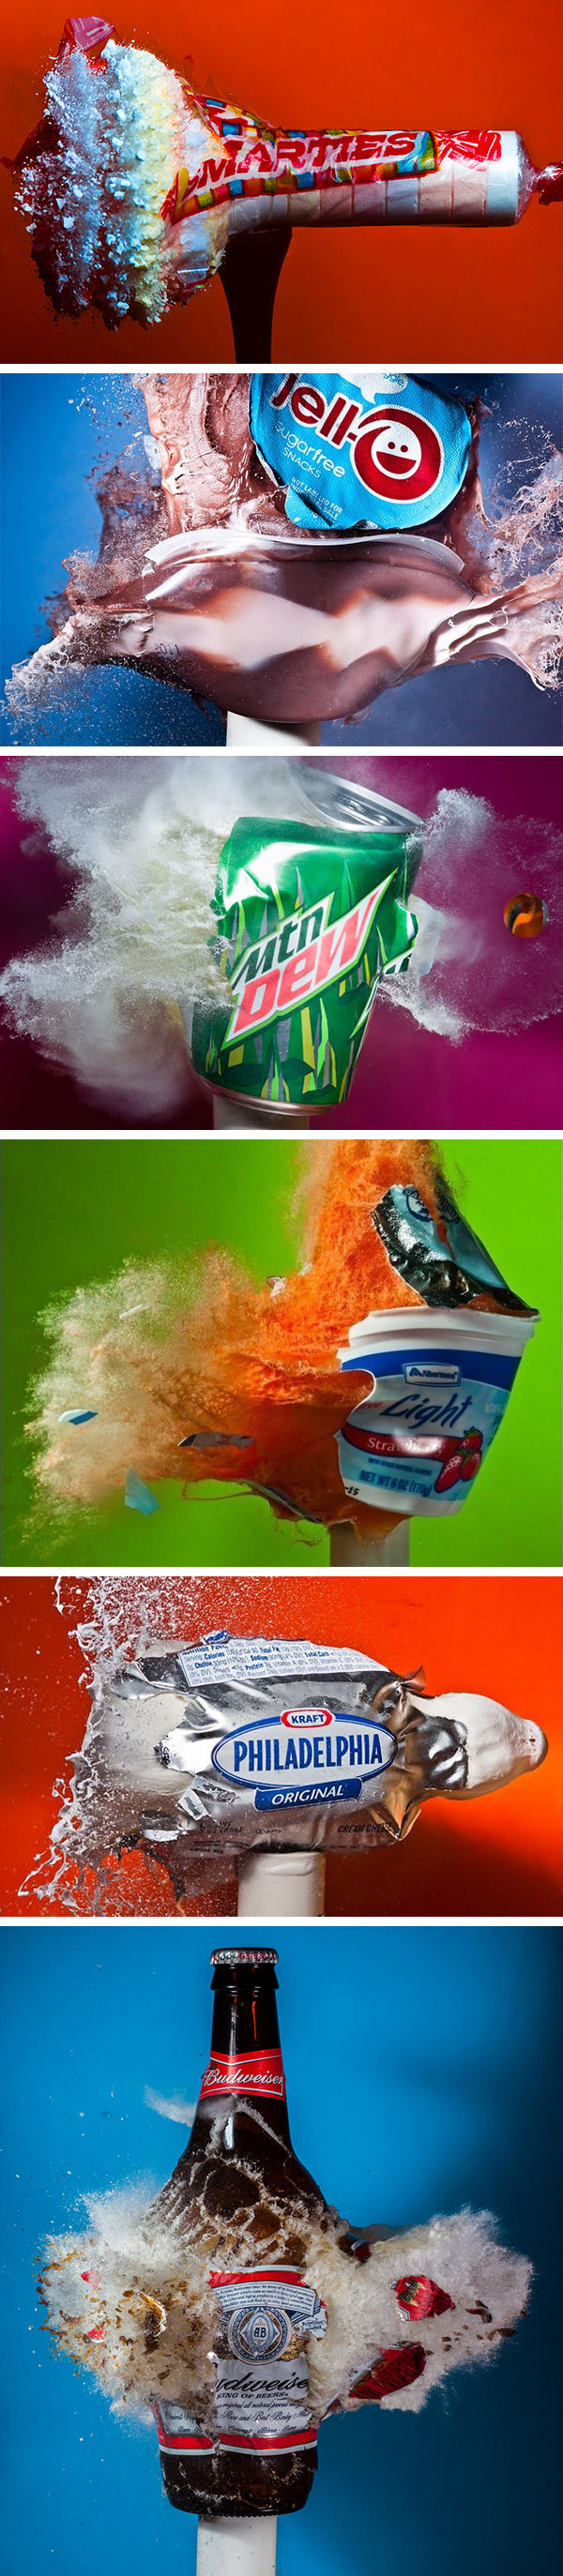 package-smashing-AlanSailer